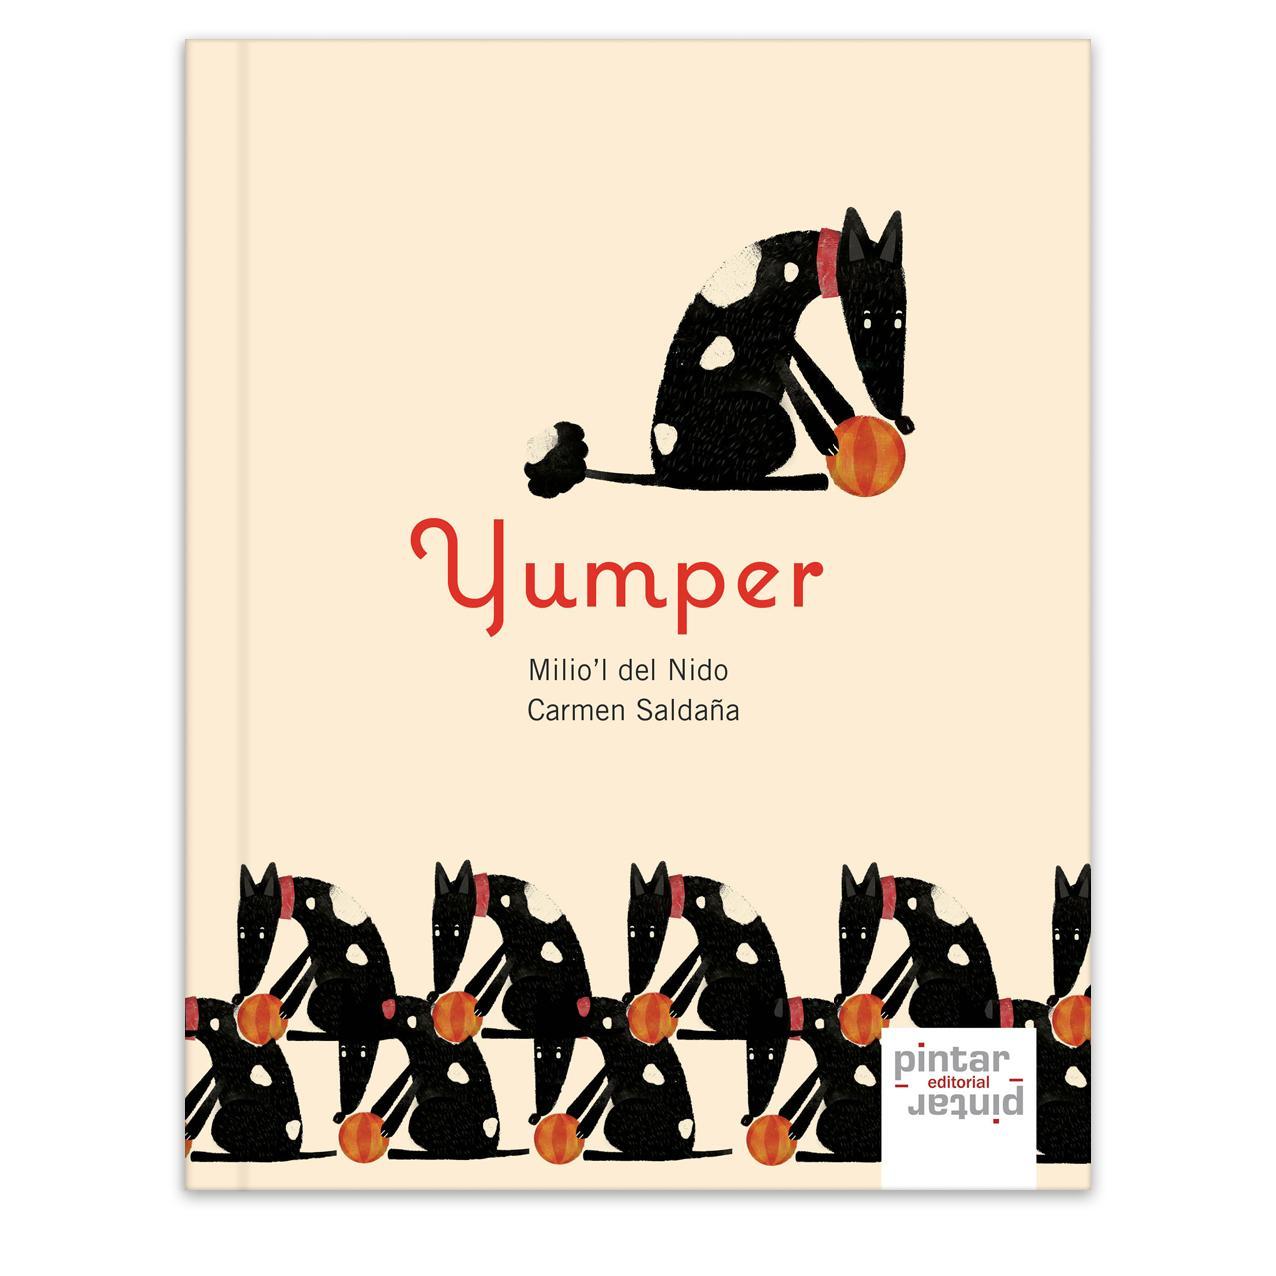 Yumper